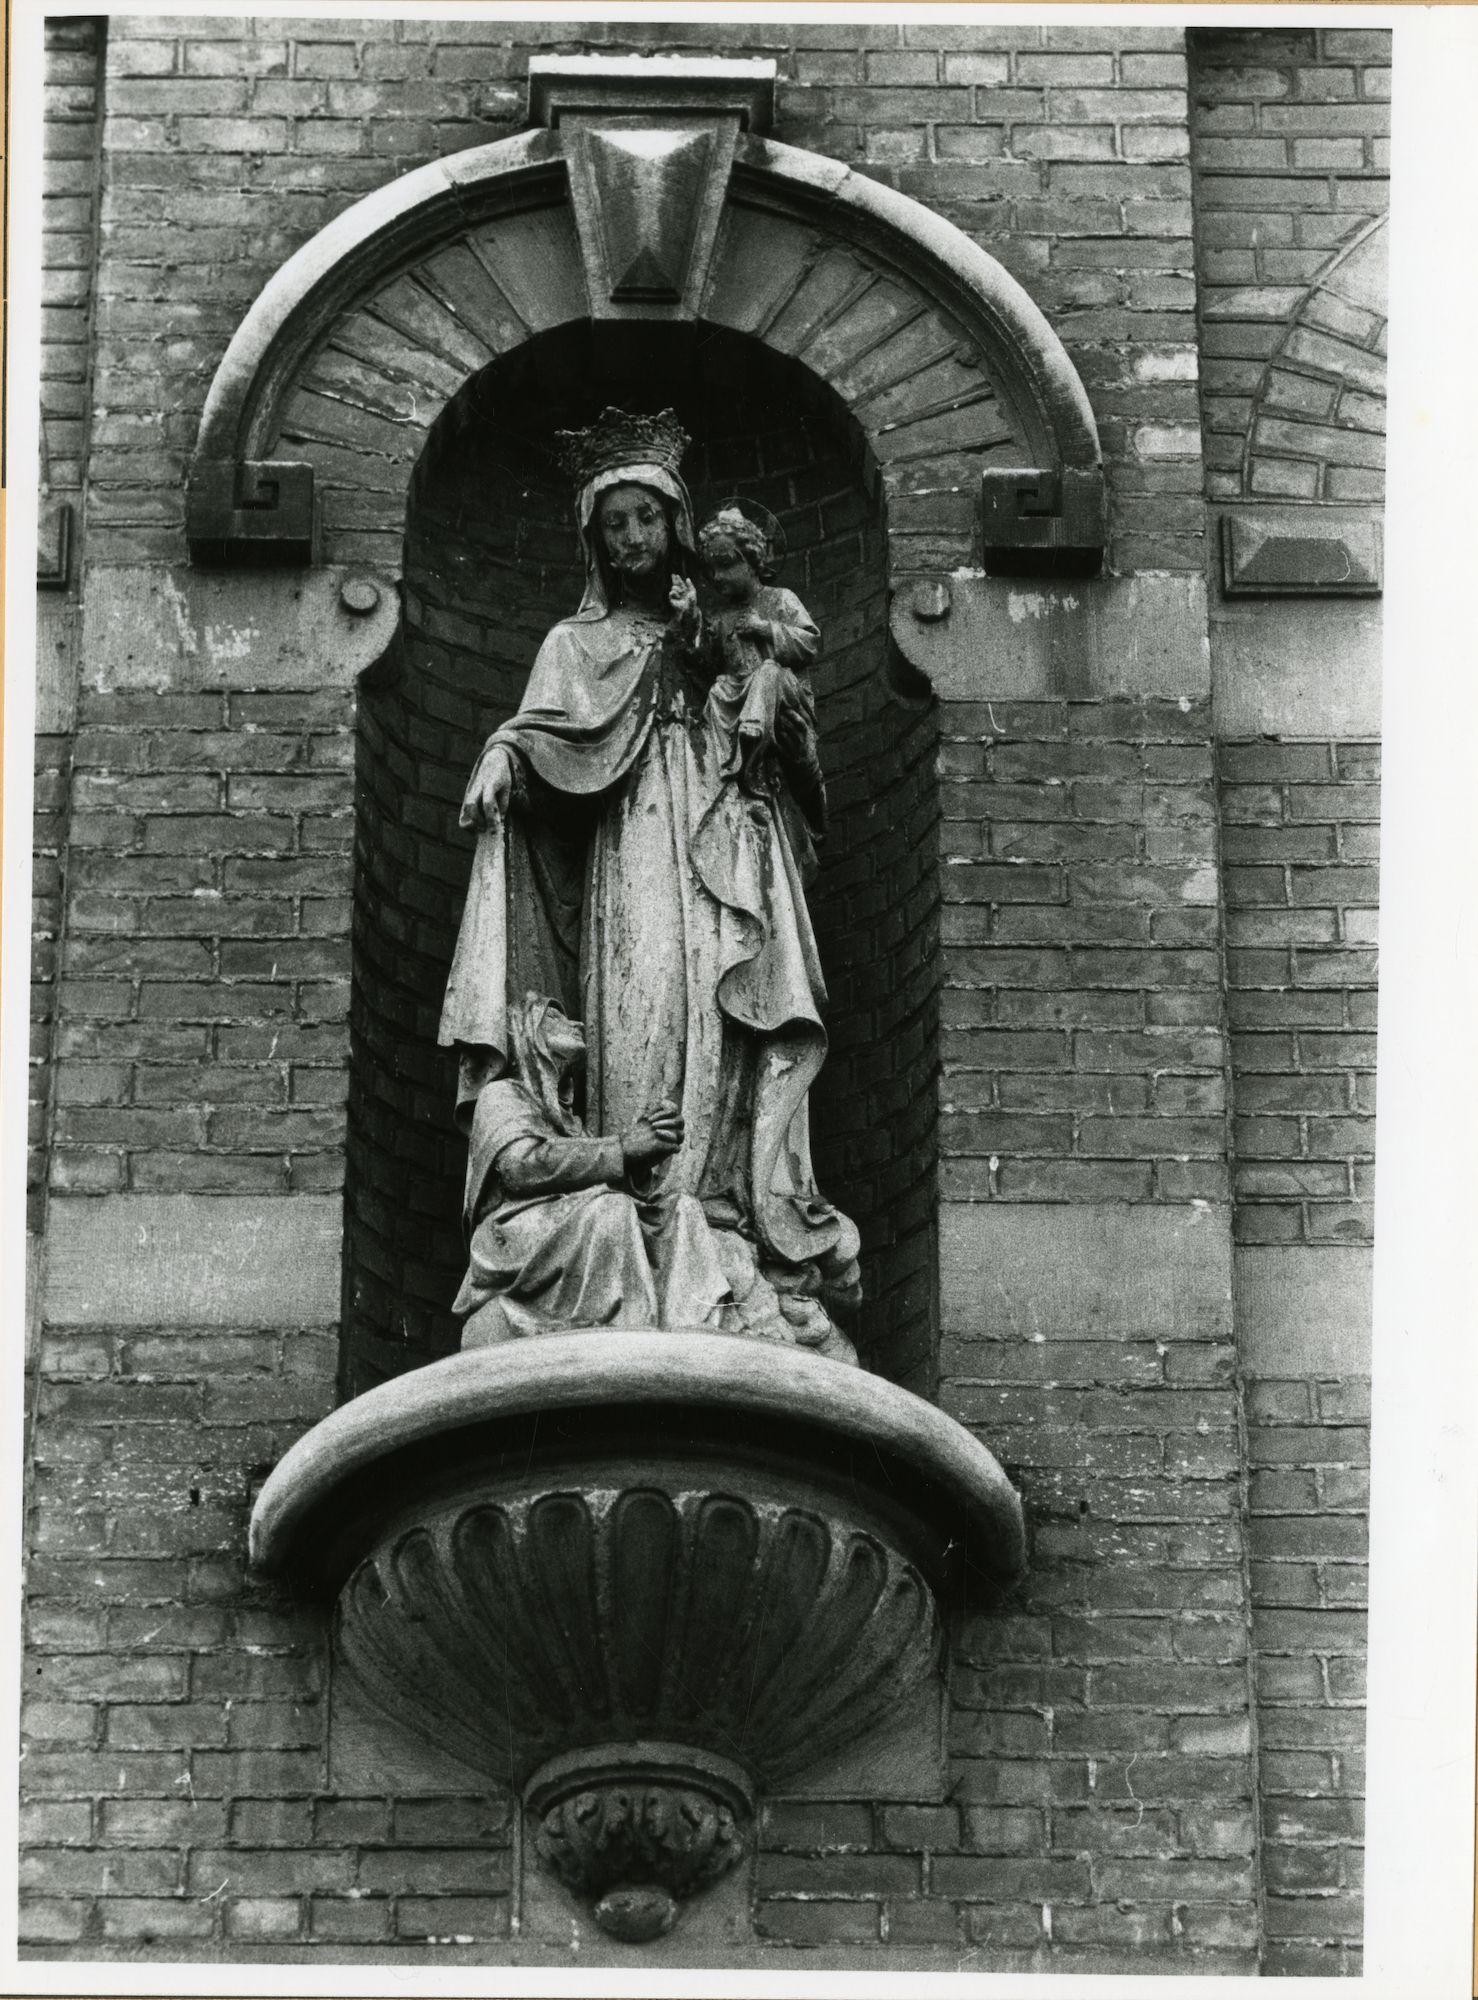 Gent: Coupure Links 179-181: kliniek Toevlucht van Maria: nis met beeld: Maria met Kind